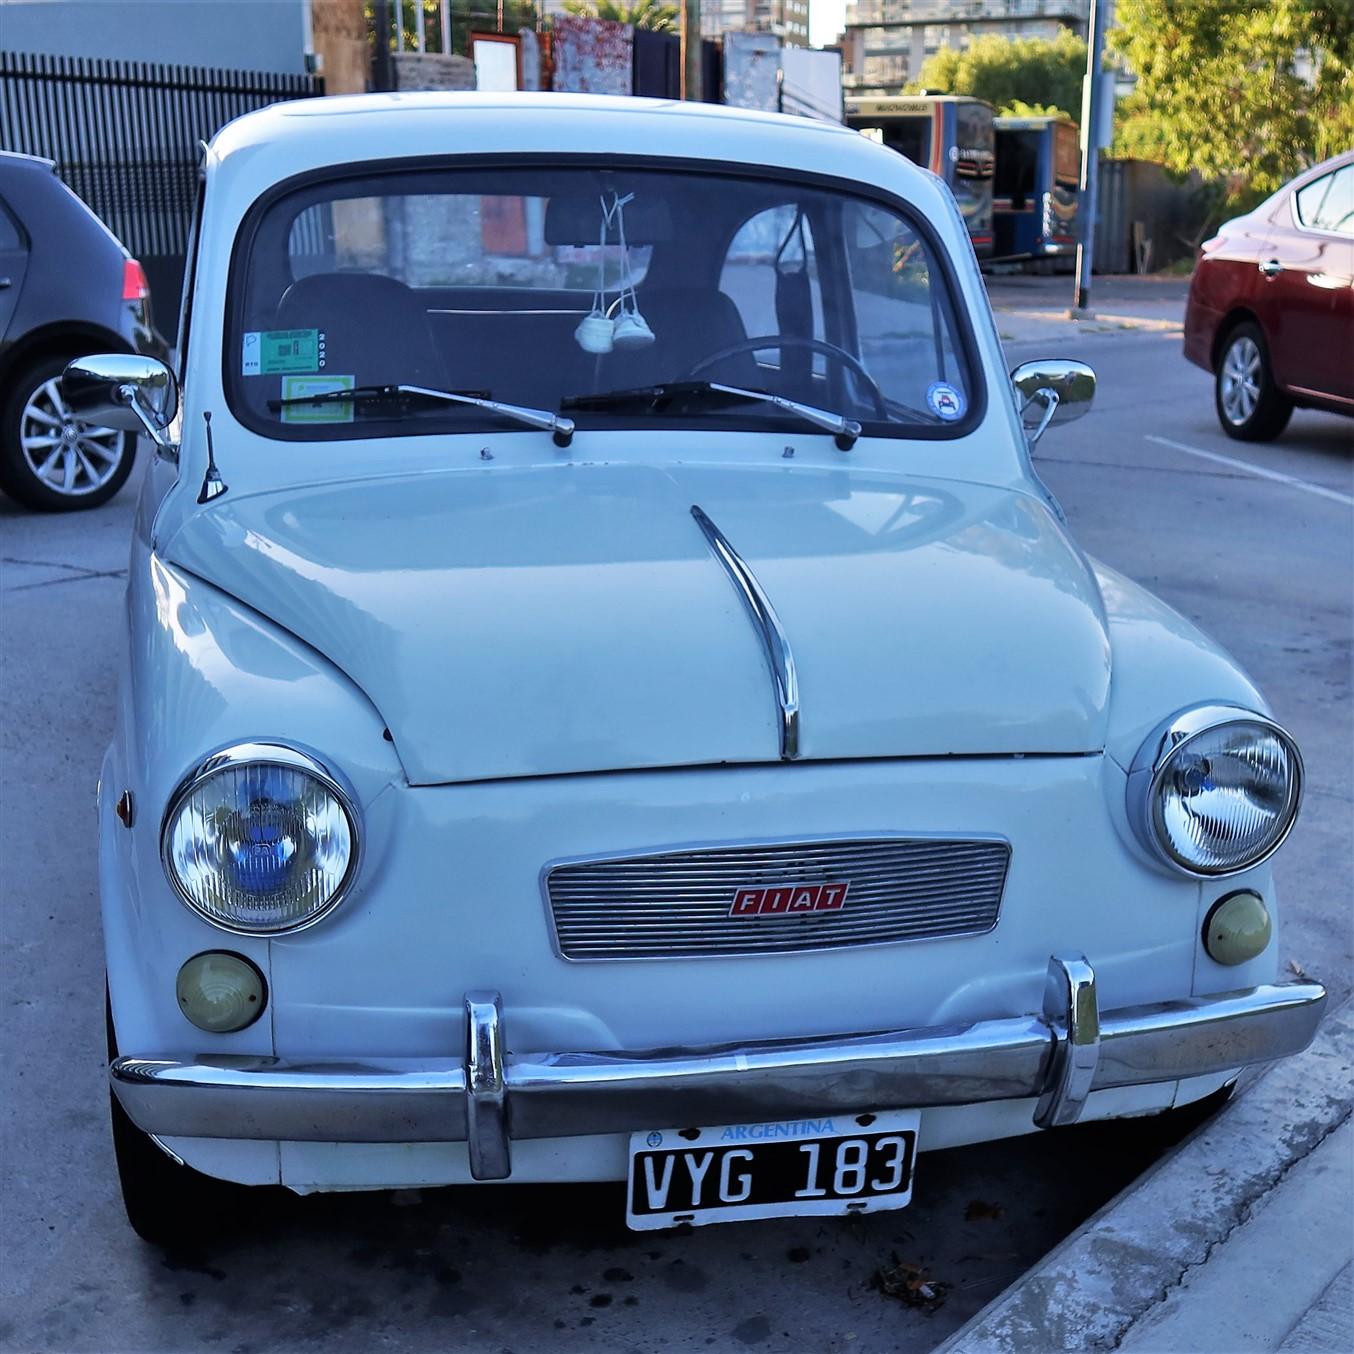 2020 03 01 162 Olivos Argentina.jpg